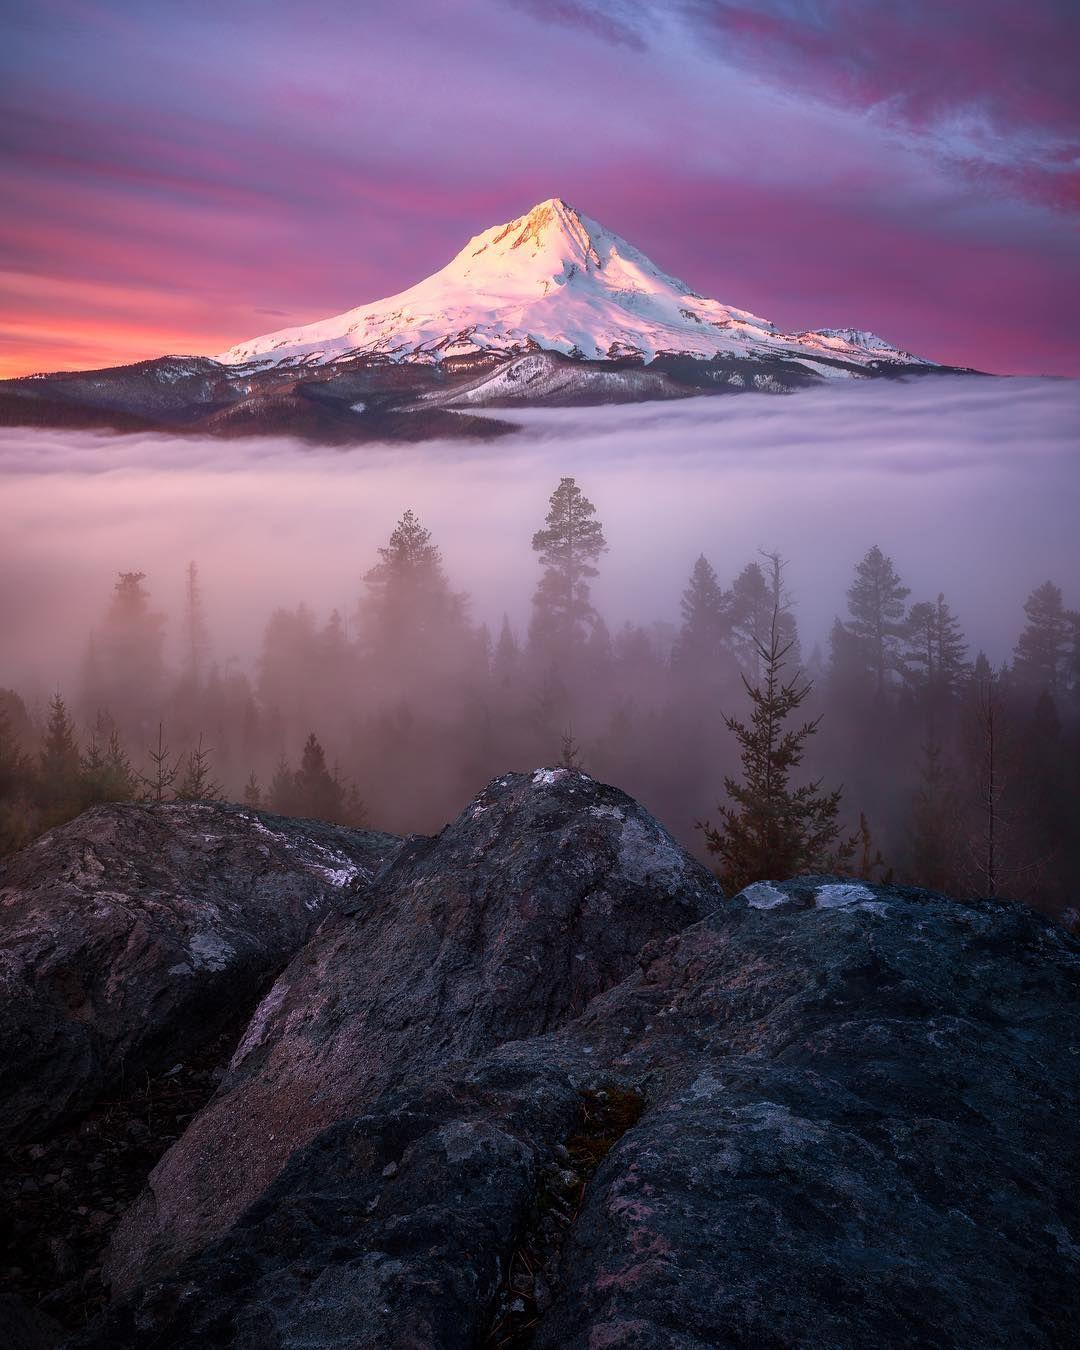 Longexpoelite Wonderful Oregon S Nature Landscapes By Steve Schwindt Oregon Nature Landscape Photography Nature Photography